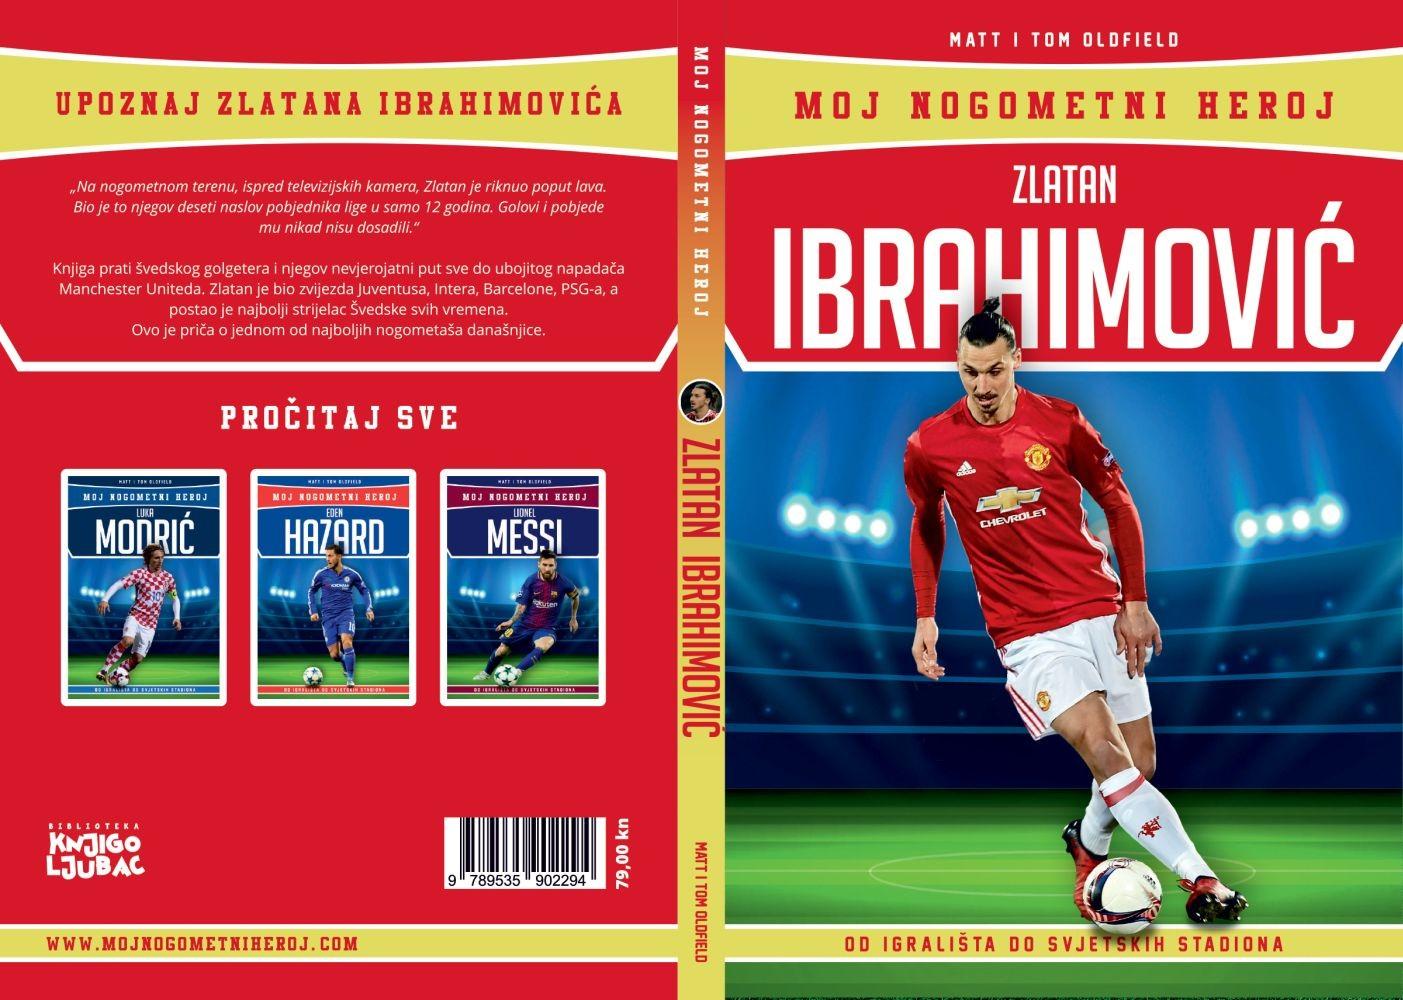 Zlatan Ibrahimović - Moj nogometni heroj - biografija